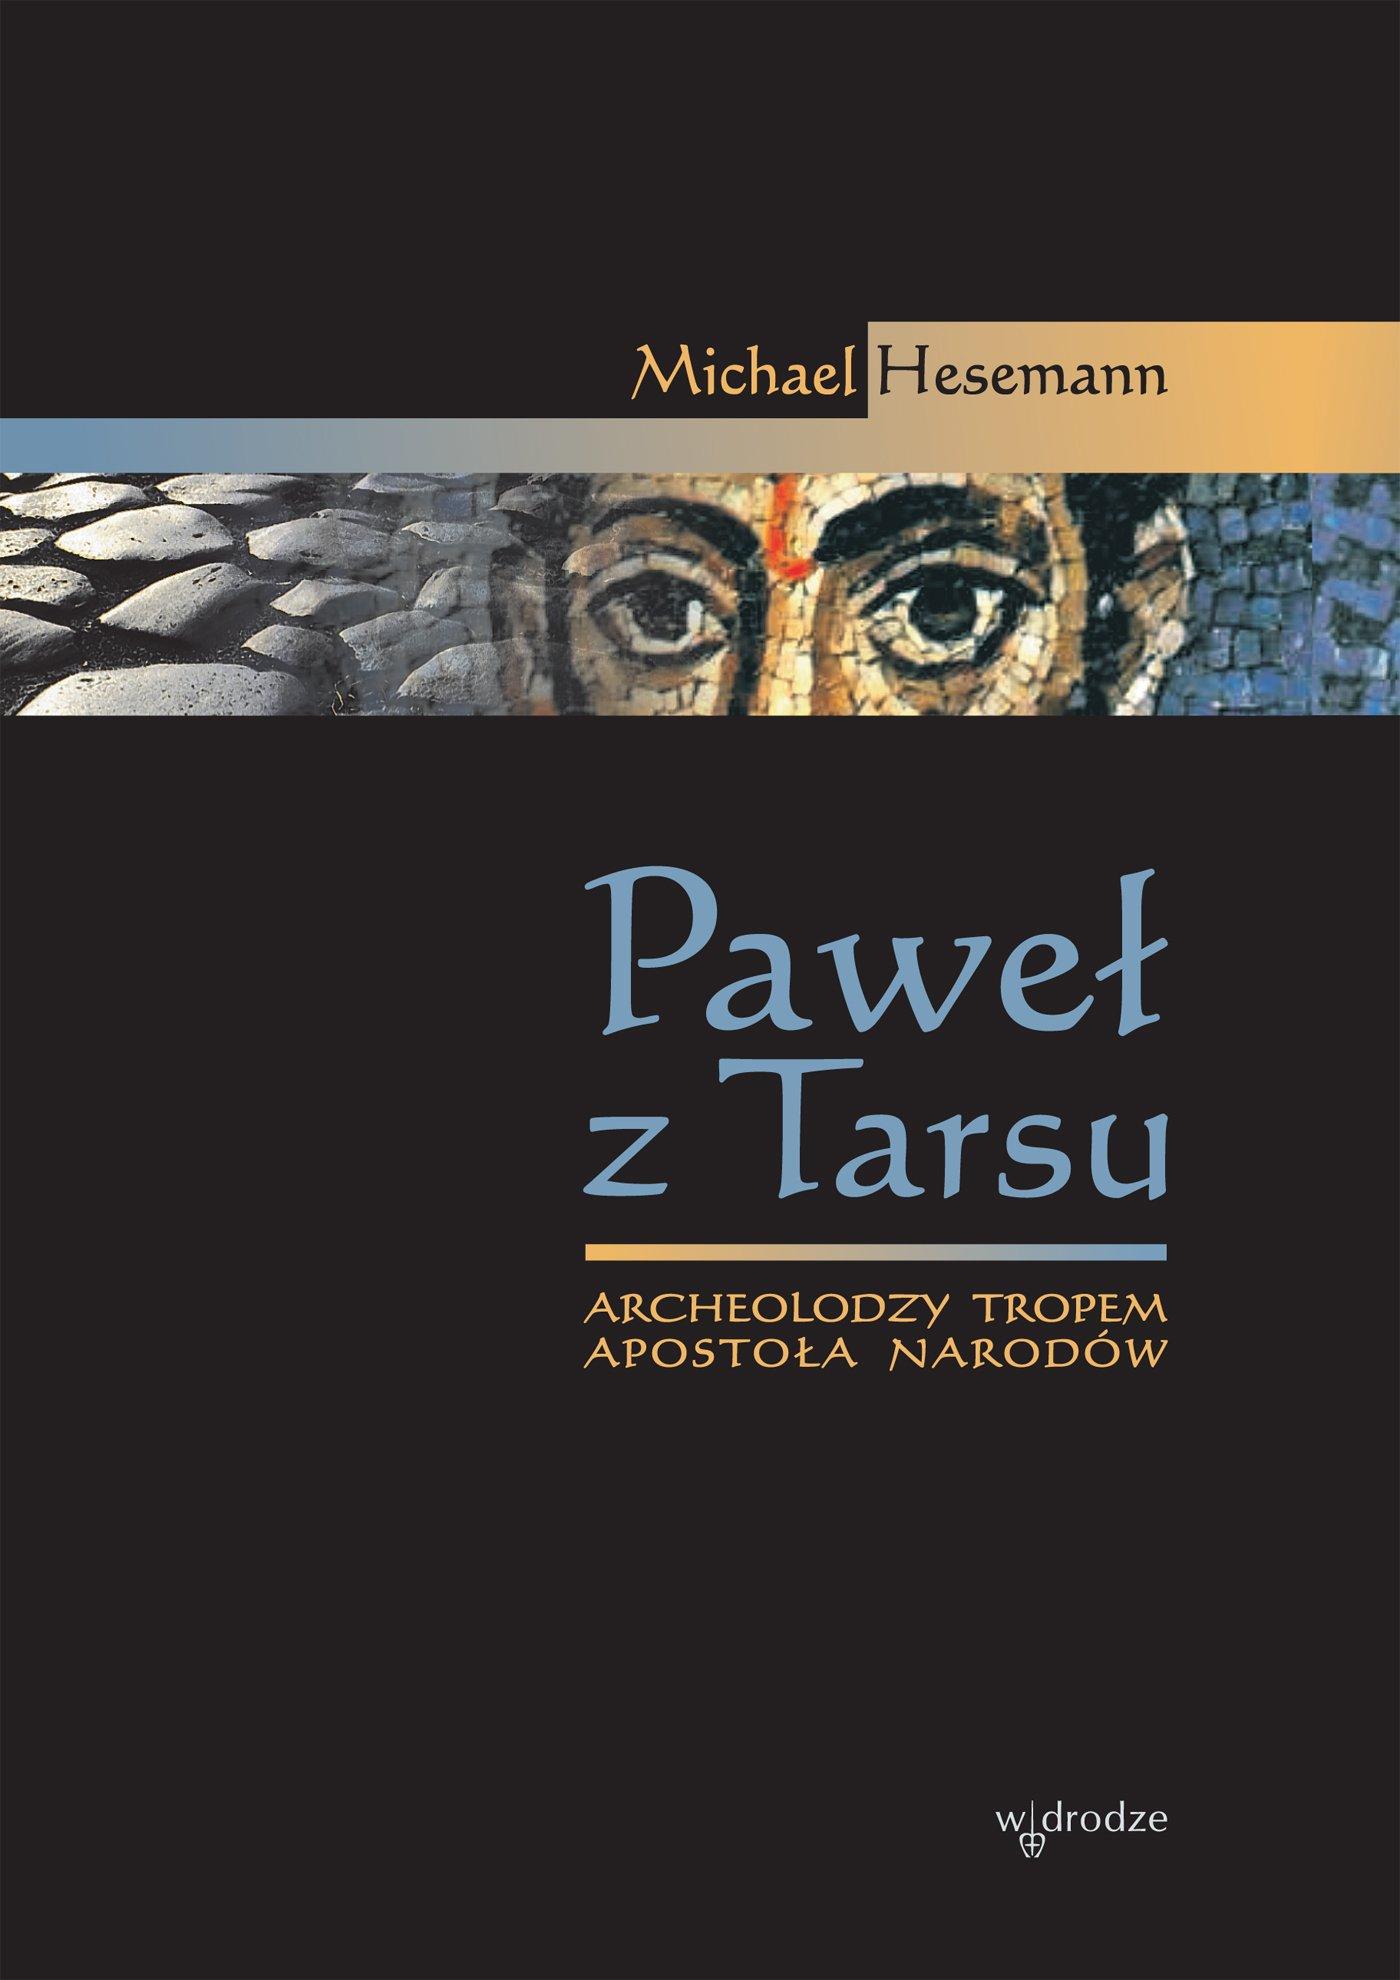 Paweł z Tarsu. Archeolodzy tropem Apostoła Narodów - Ebook (Książka PDF) do pobrania w formacie PDF